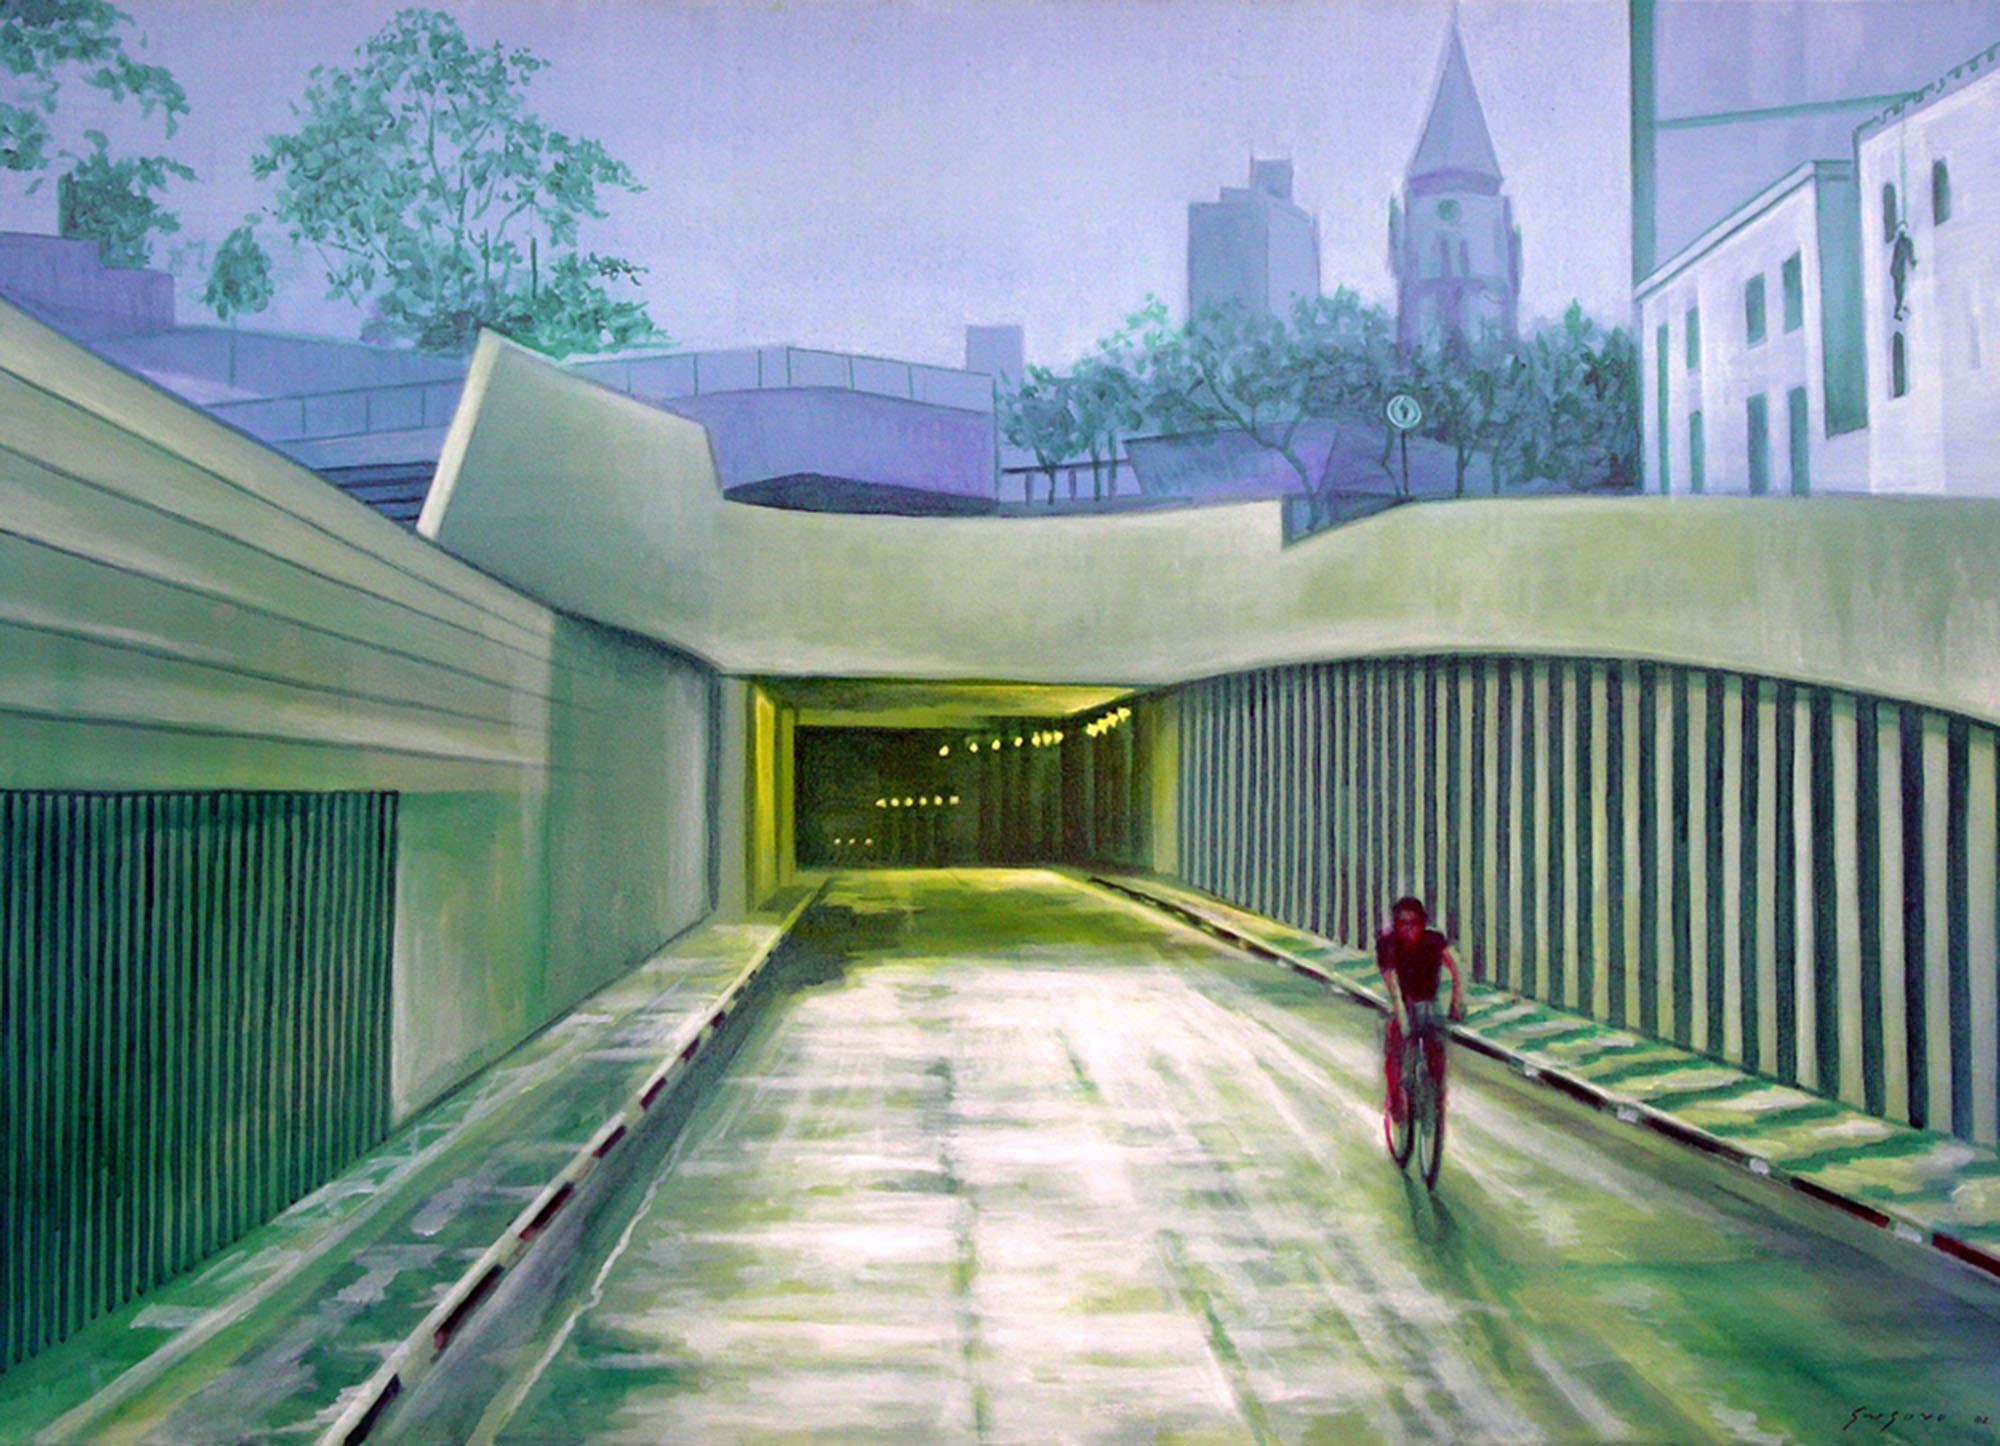 Pintura do artista Gregório Gruber em pintura sobre tela.